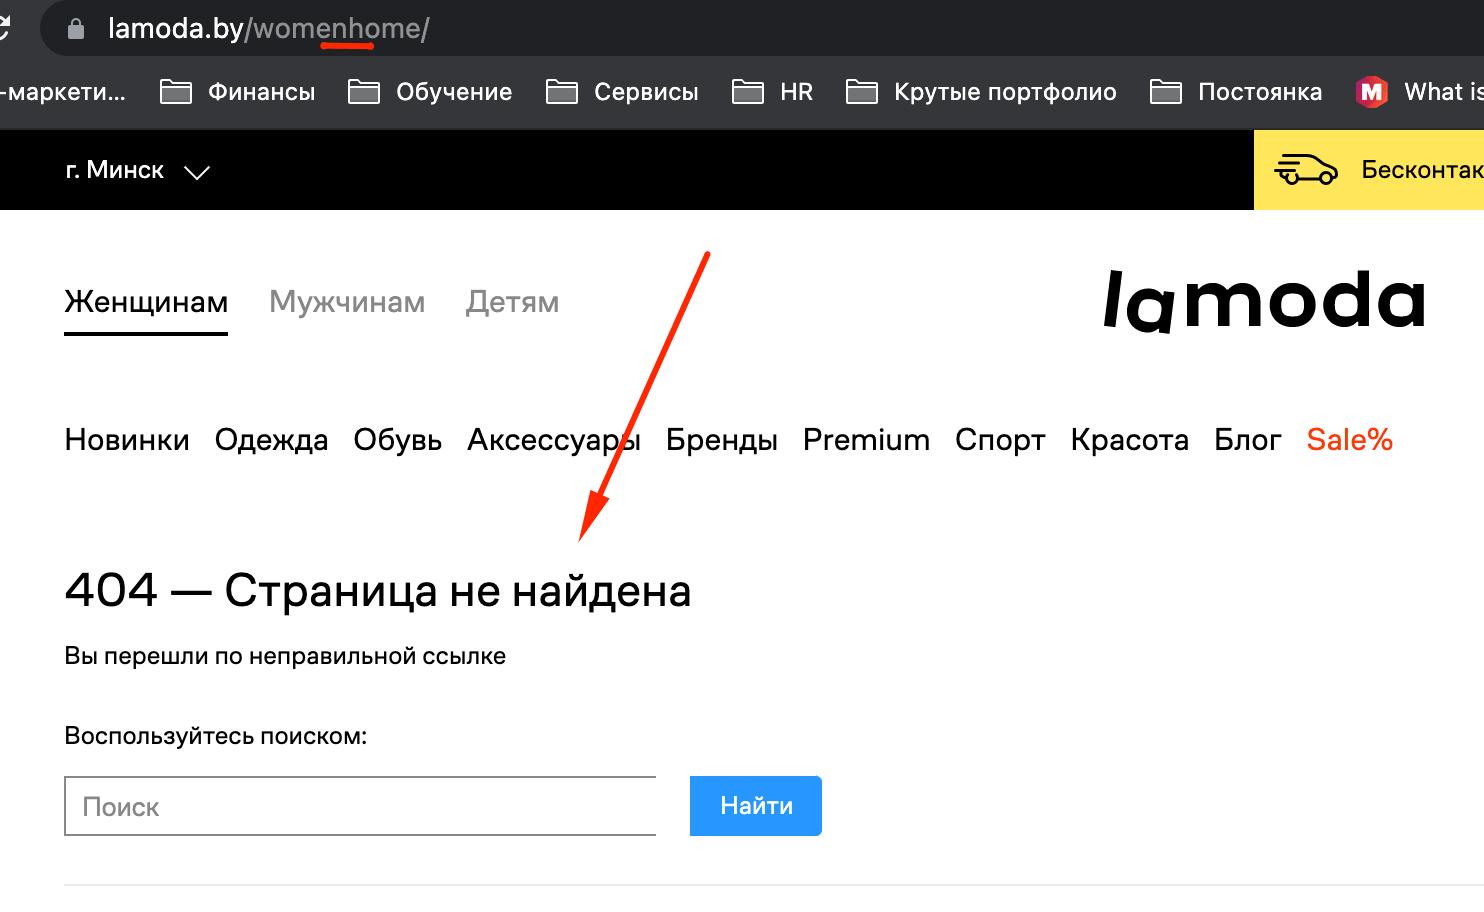 404 ошибка на сайте lamoda.by